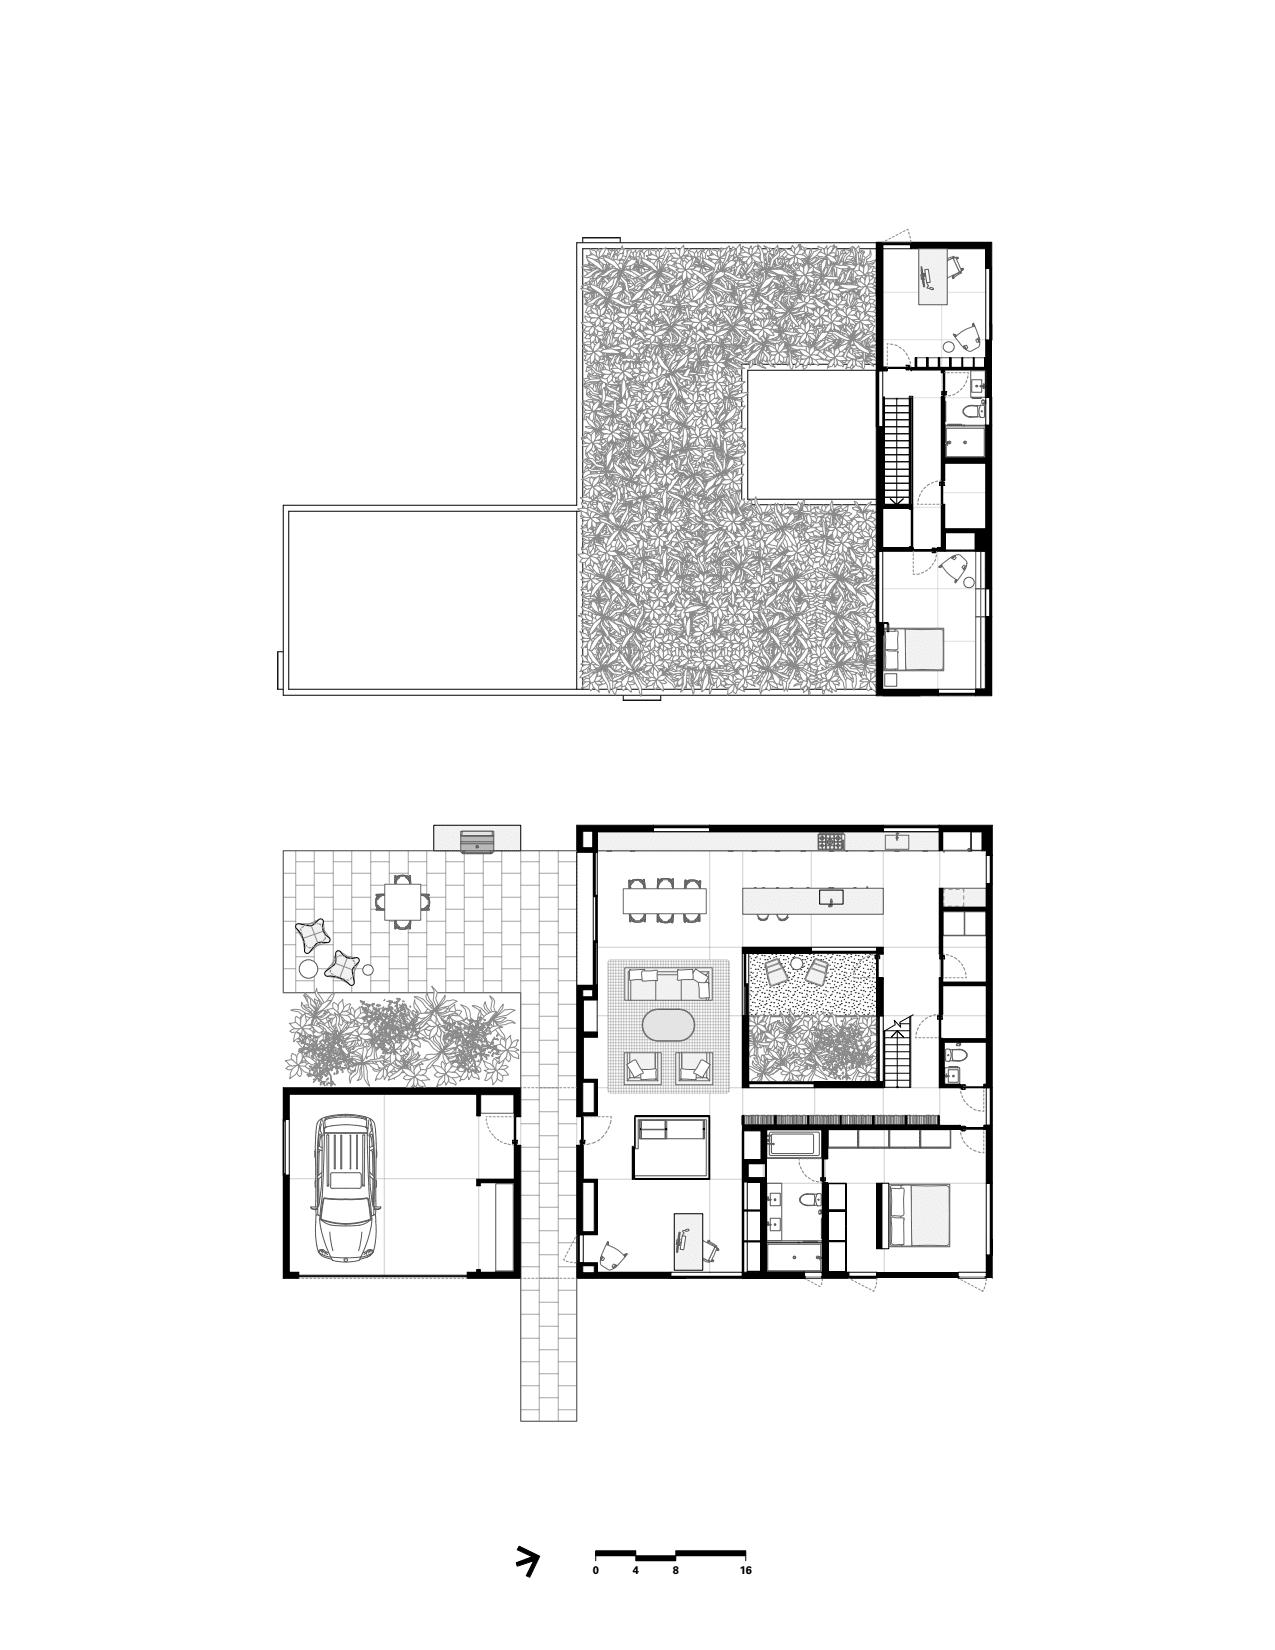 Levenbetts Princeton House Divisare Princeton Houses House Plans House